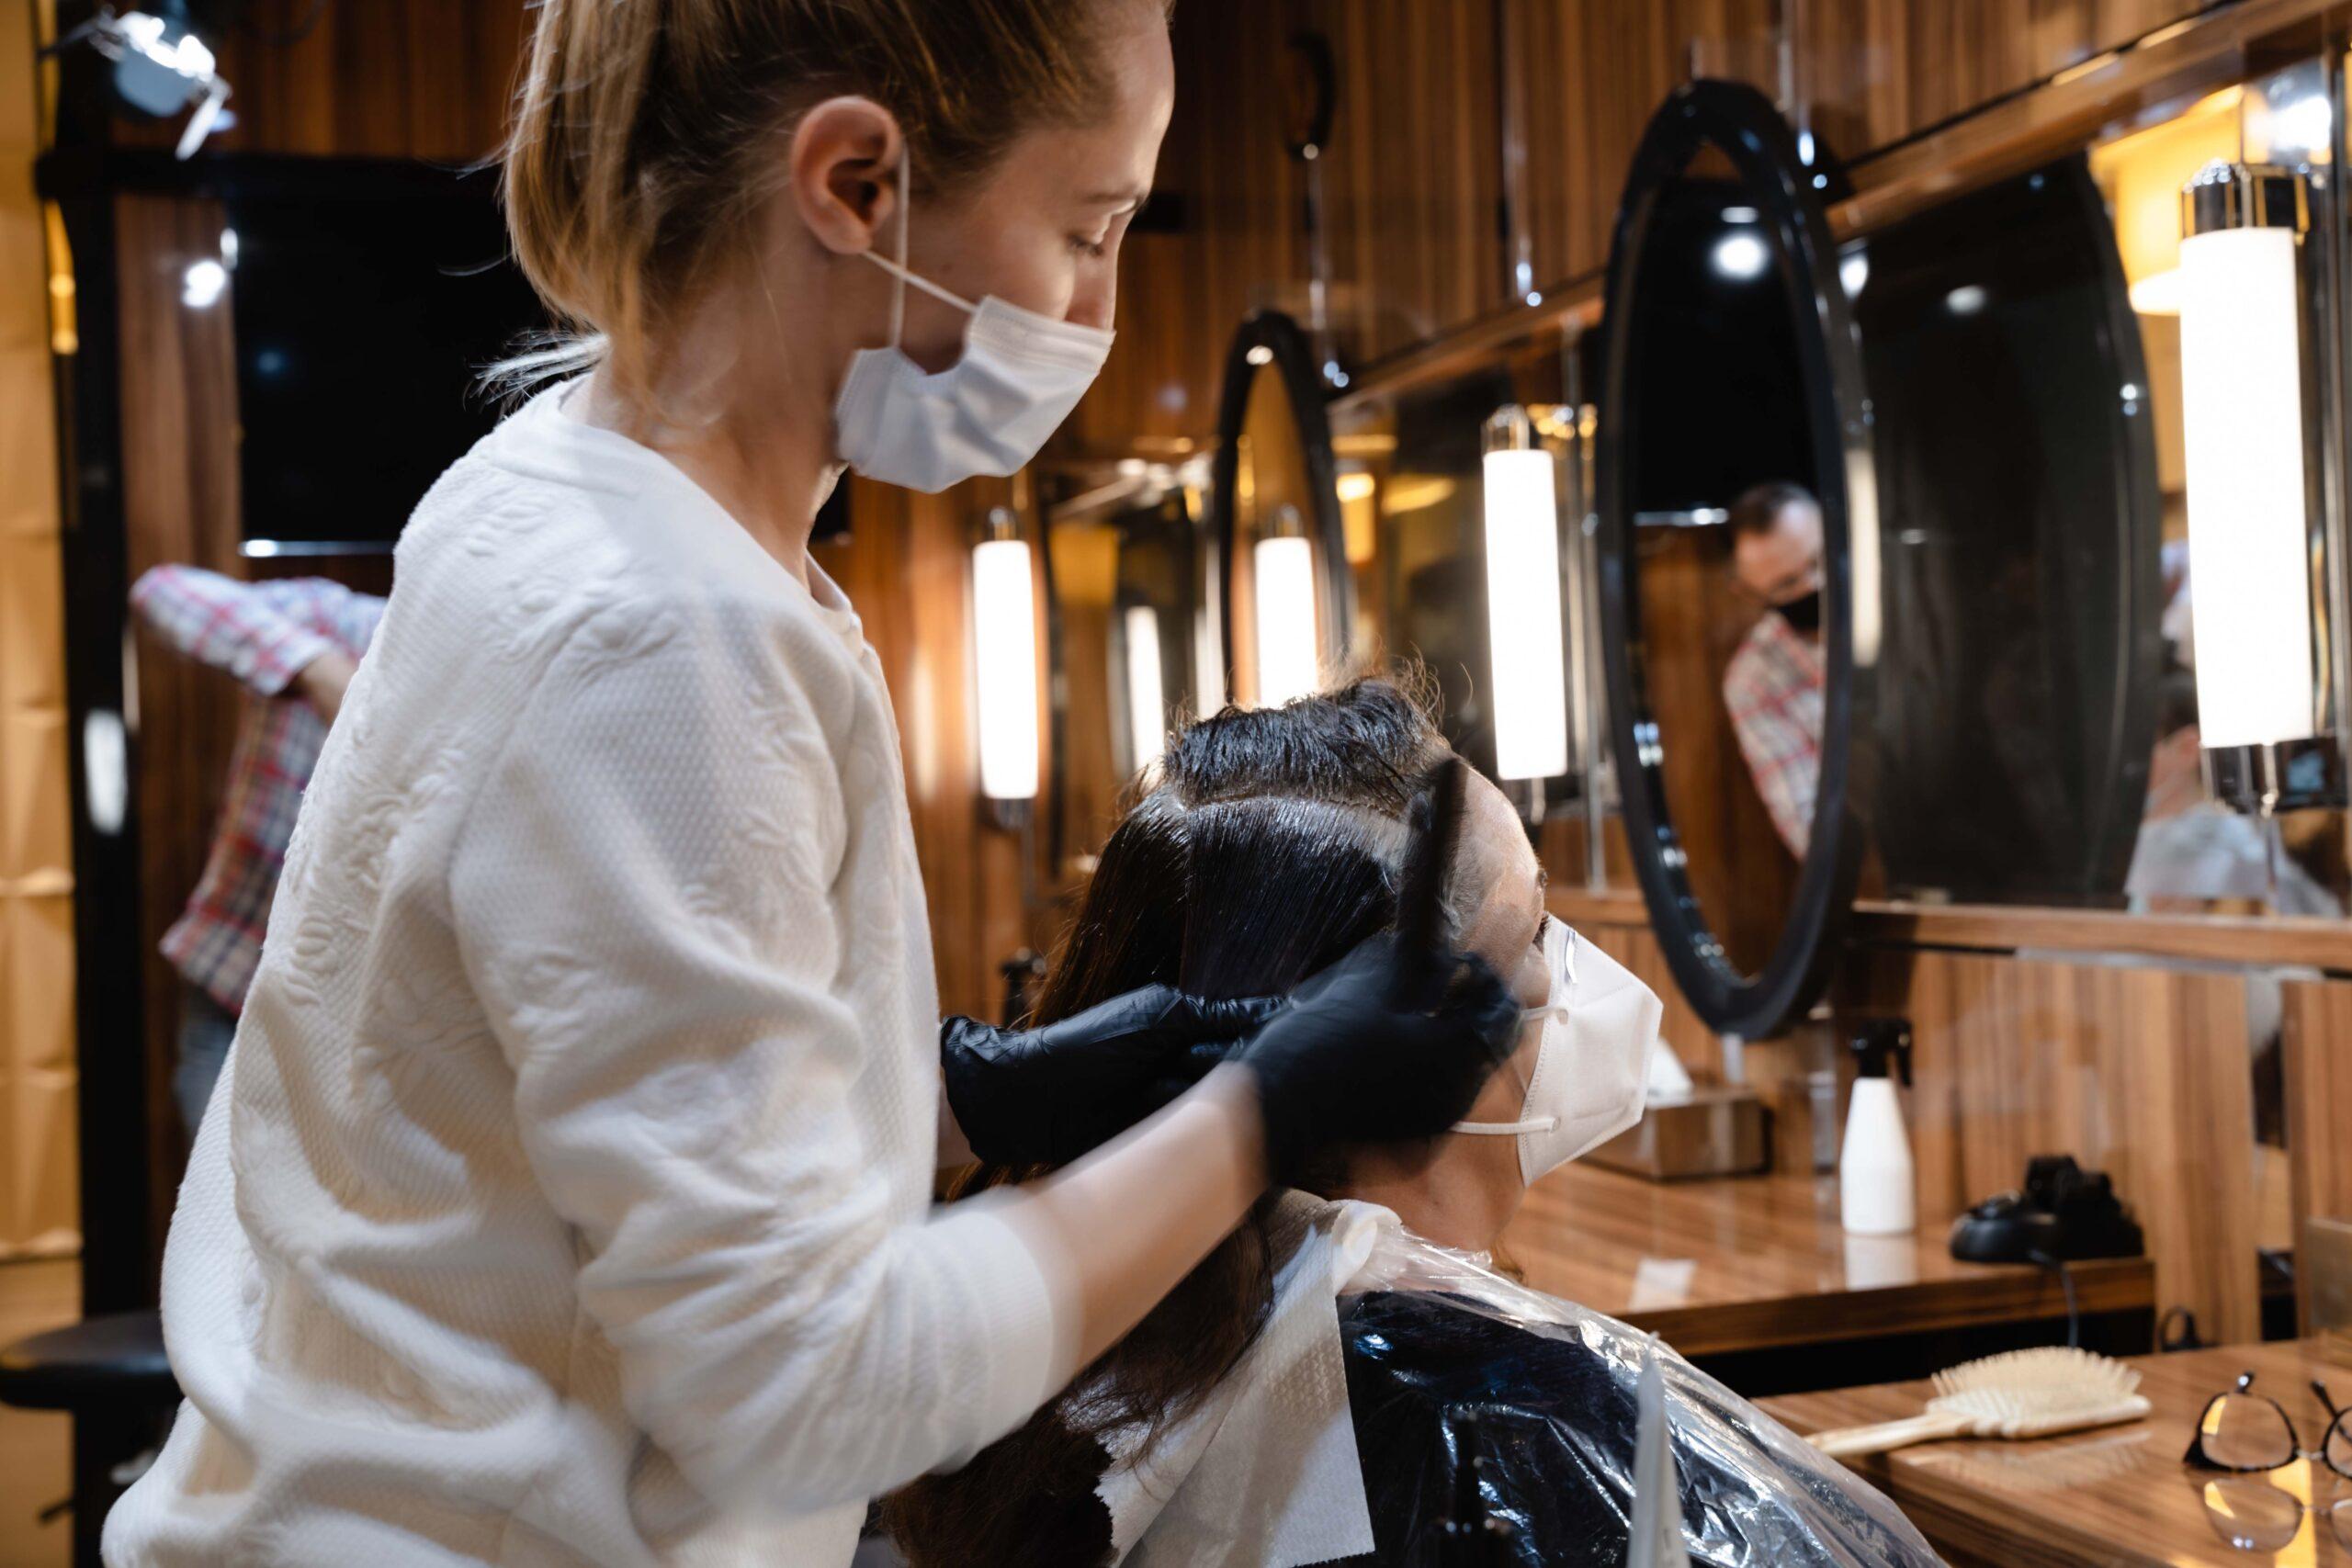 Jednorazowe peniuary dla klientów w salonie fryzjerskim